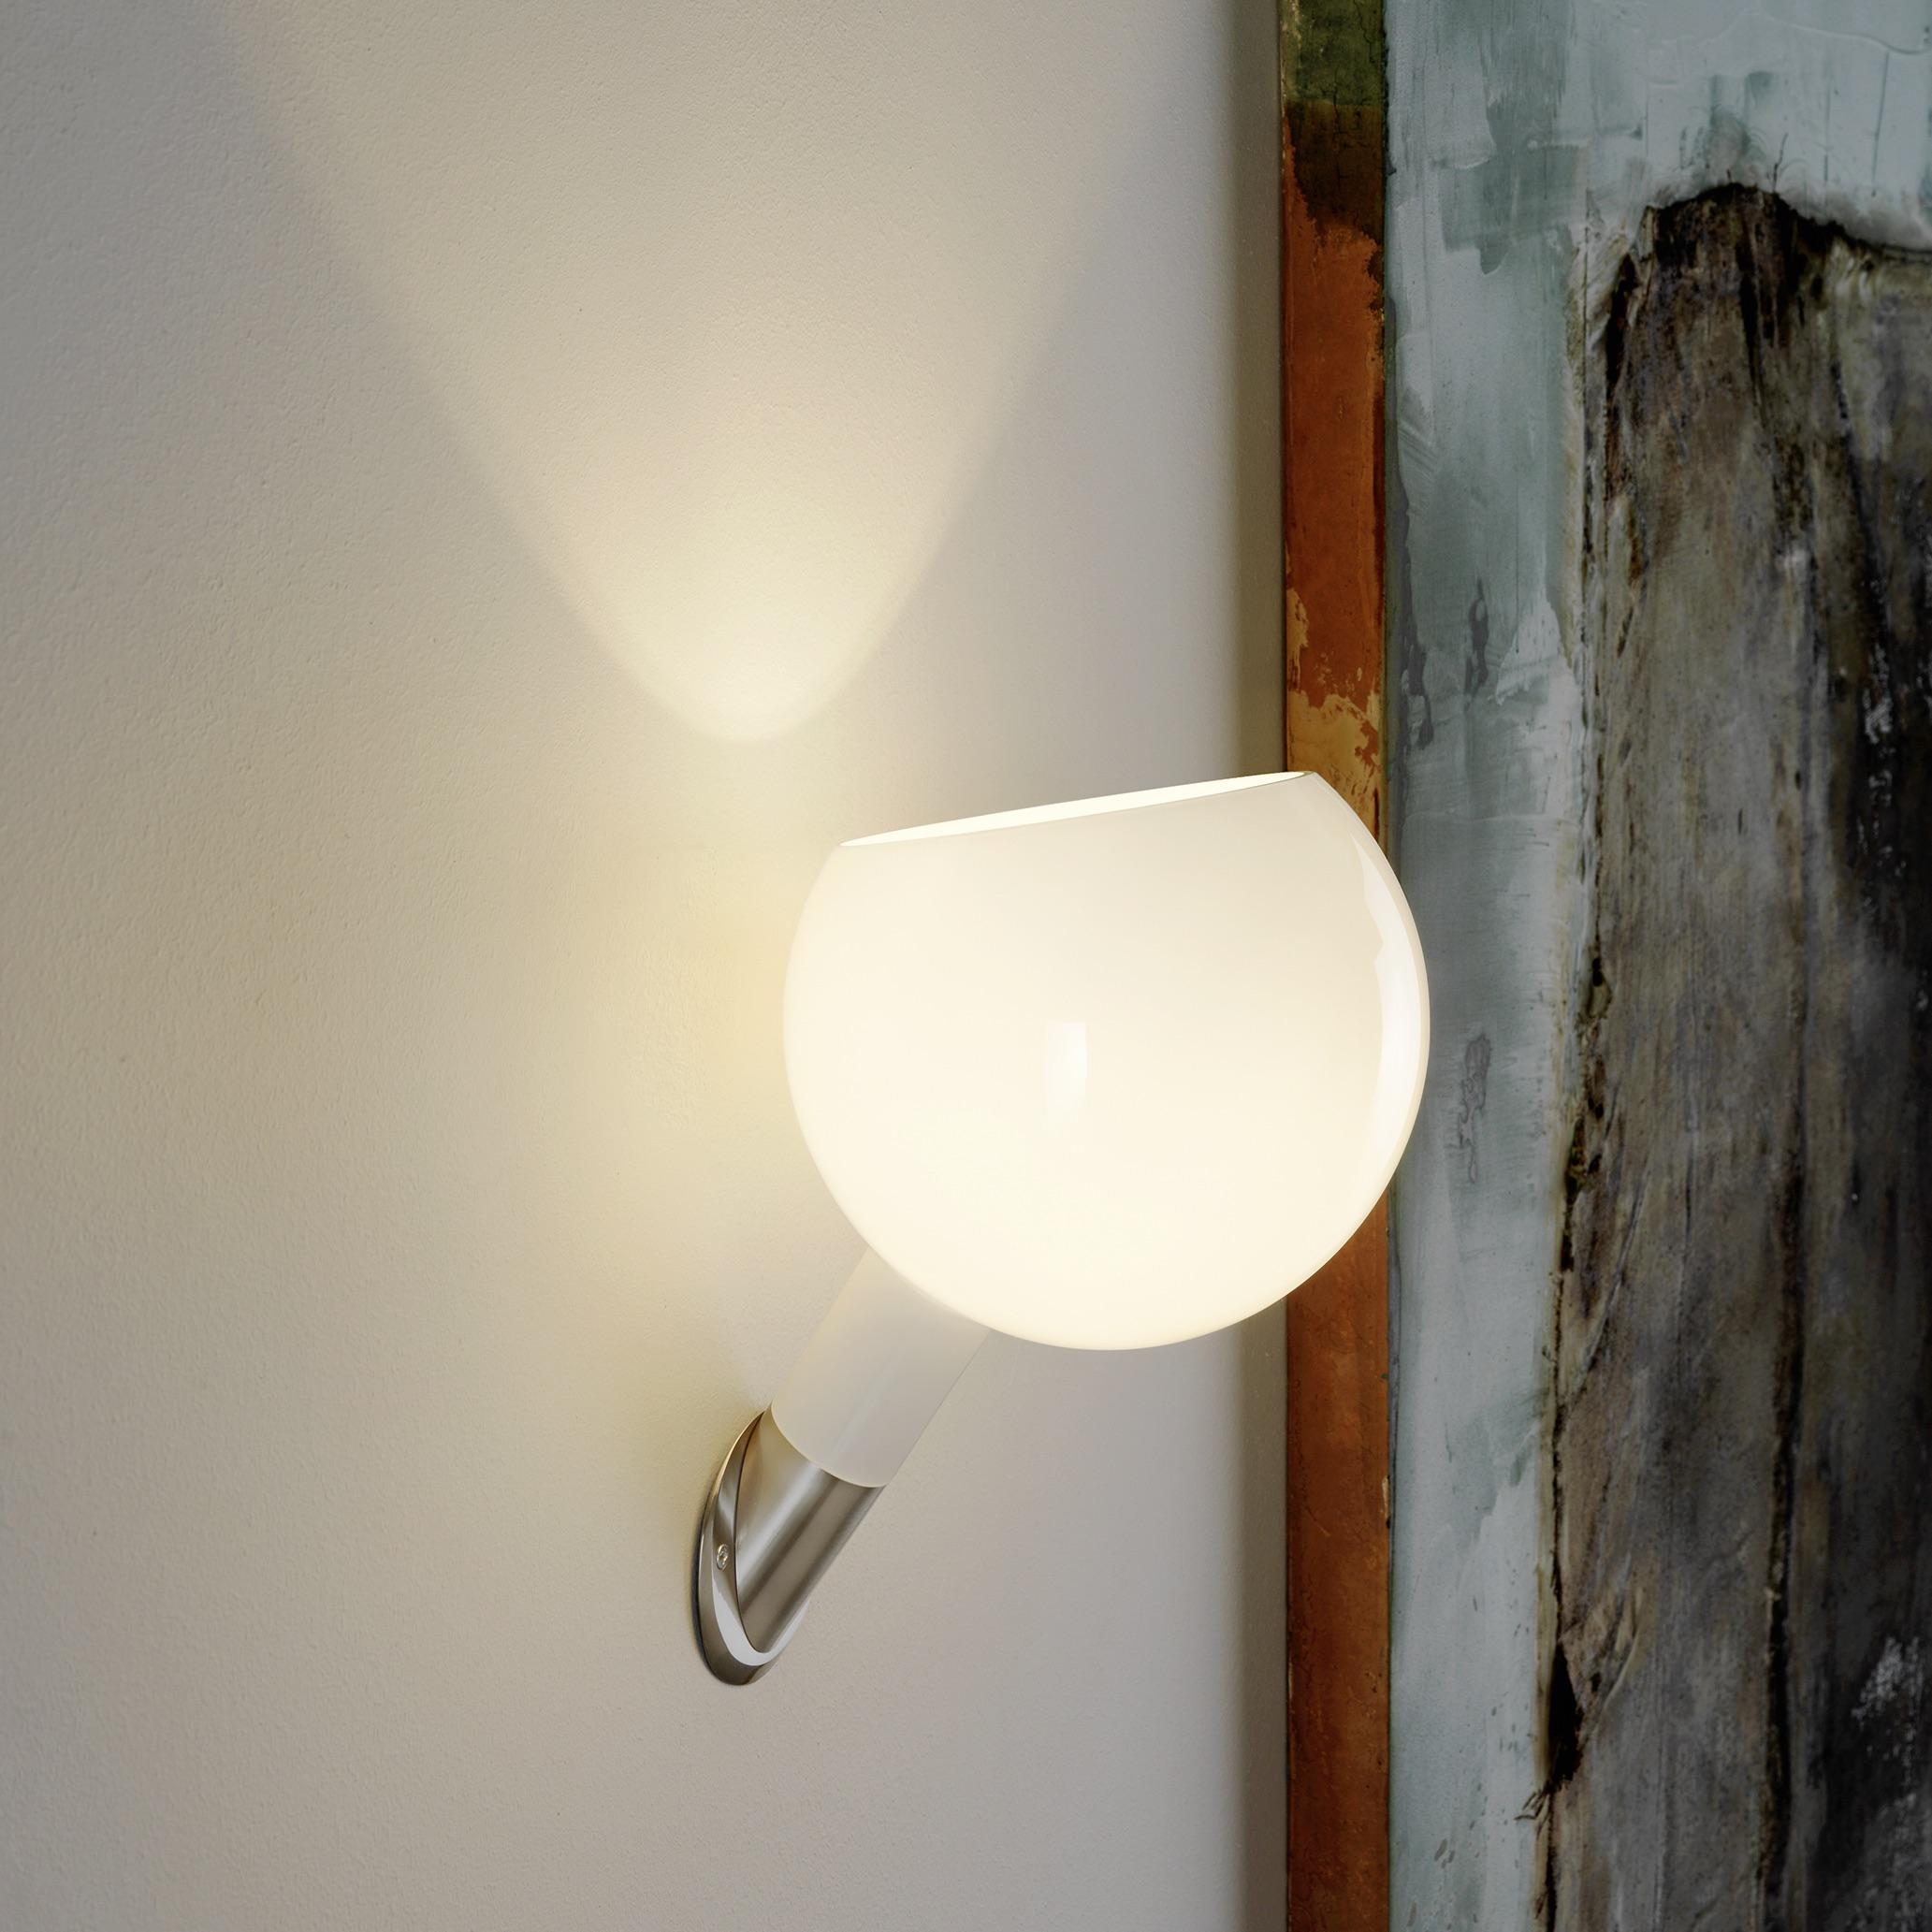 Wall light, Parola , white, H30cm - Fontana Arte - Nedgis Lighting